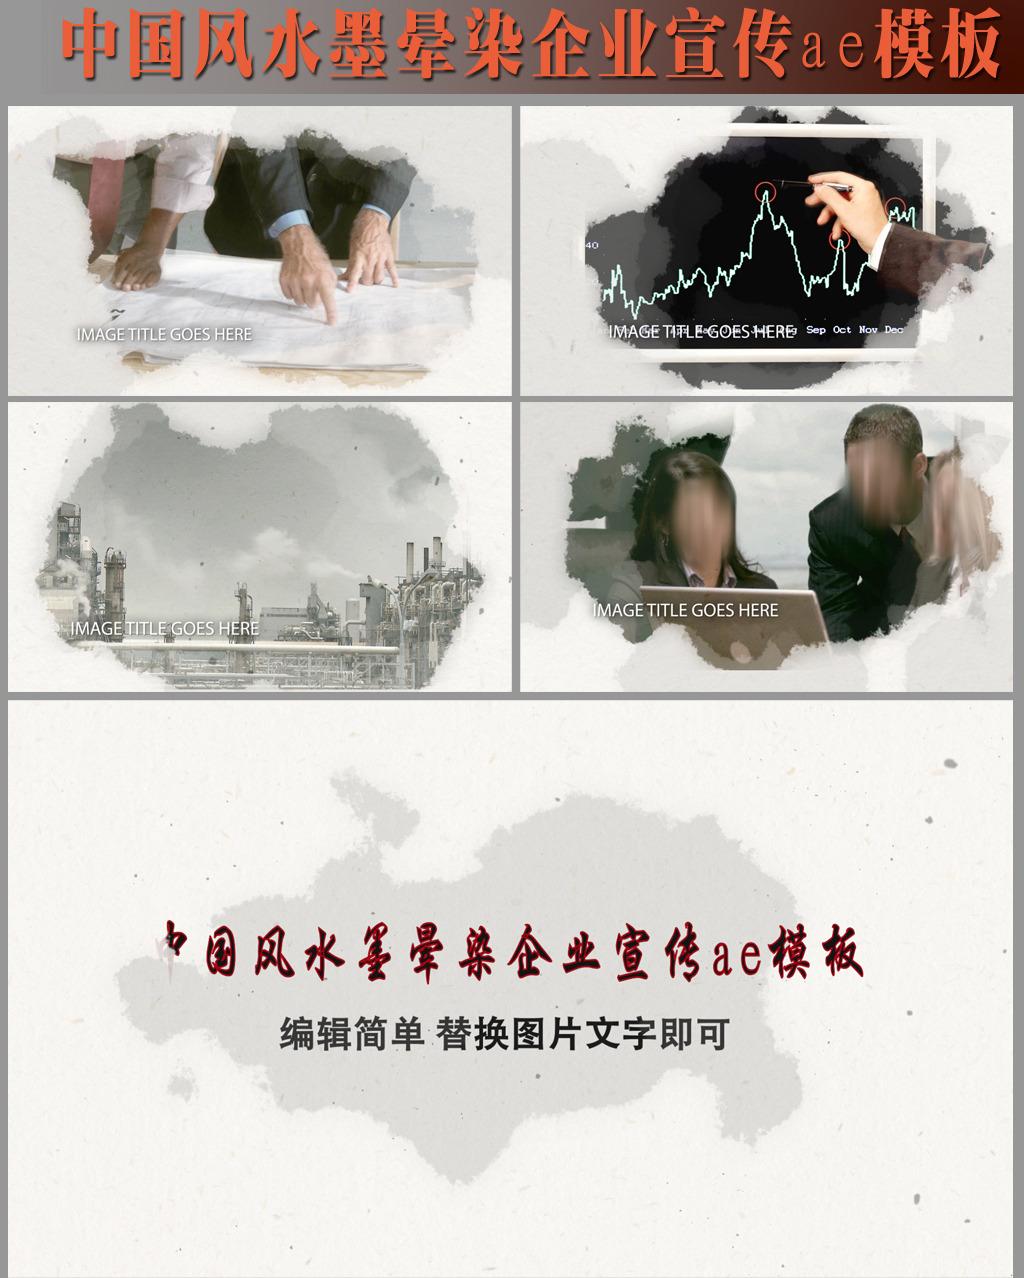 中国风水墨晕染企业宣传ae模板有音乐模板下载